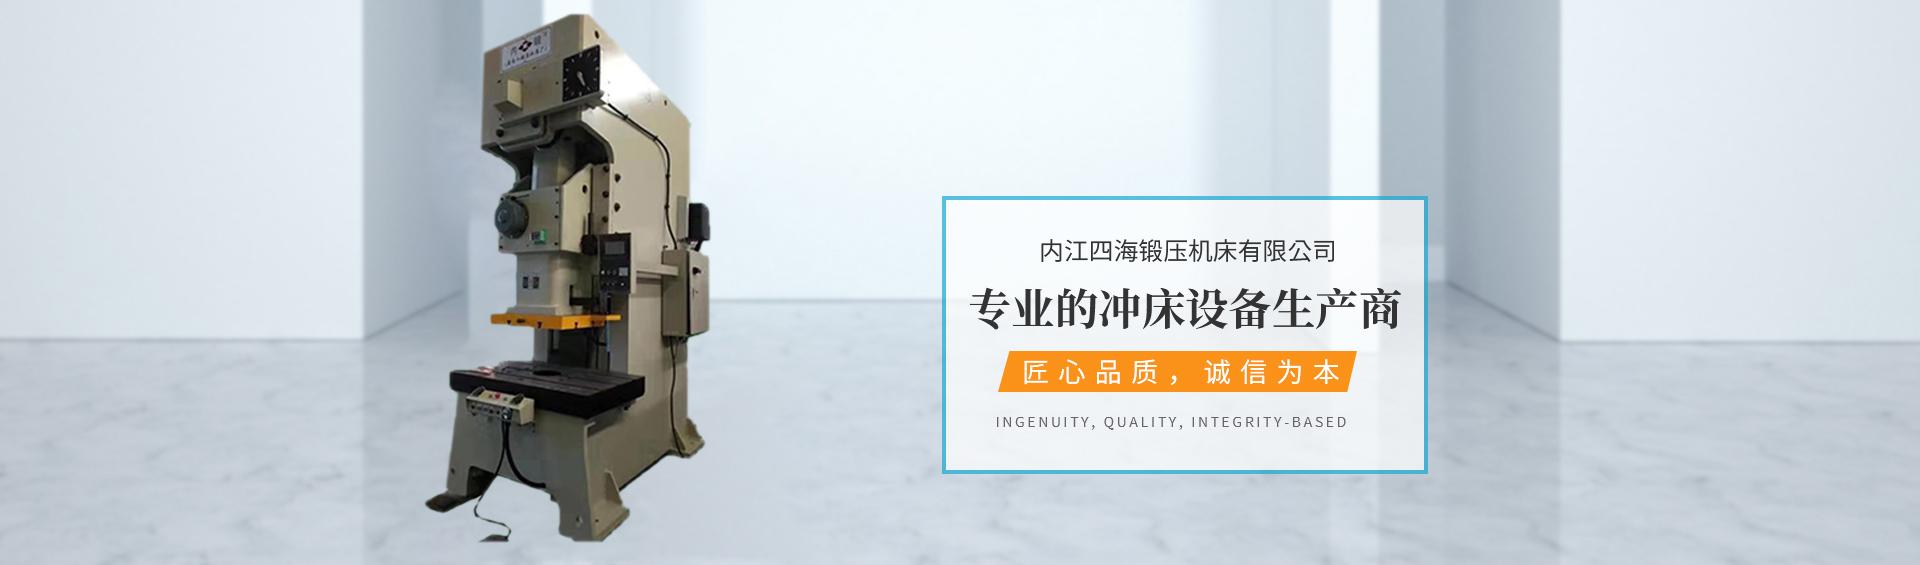 重庆冲床机器